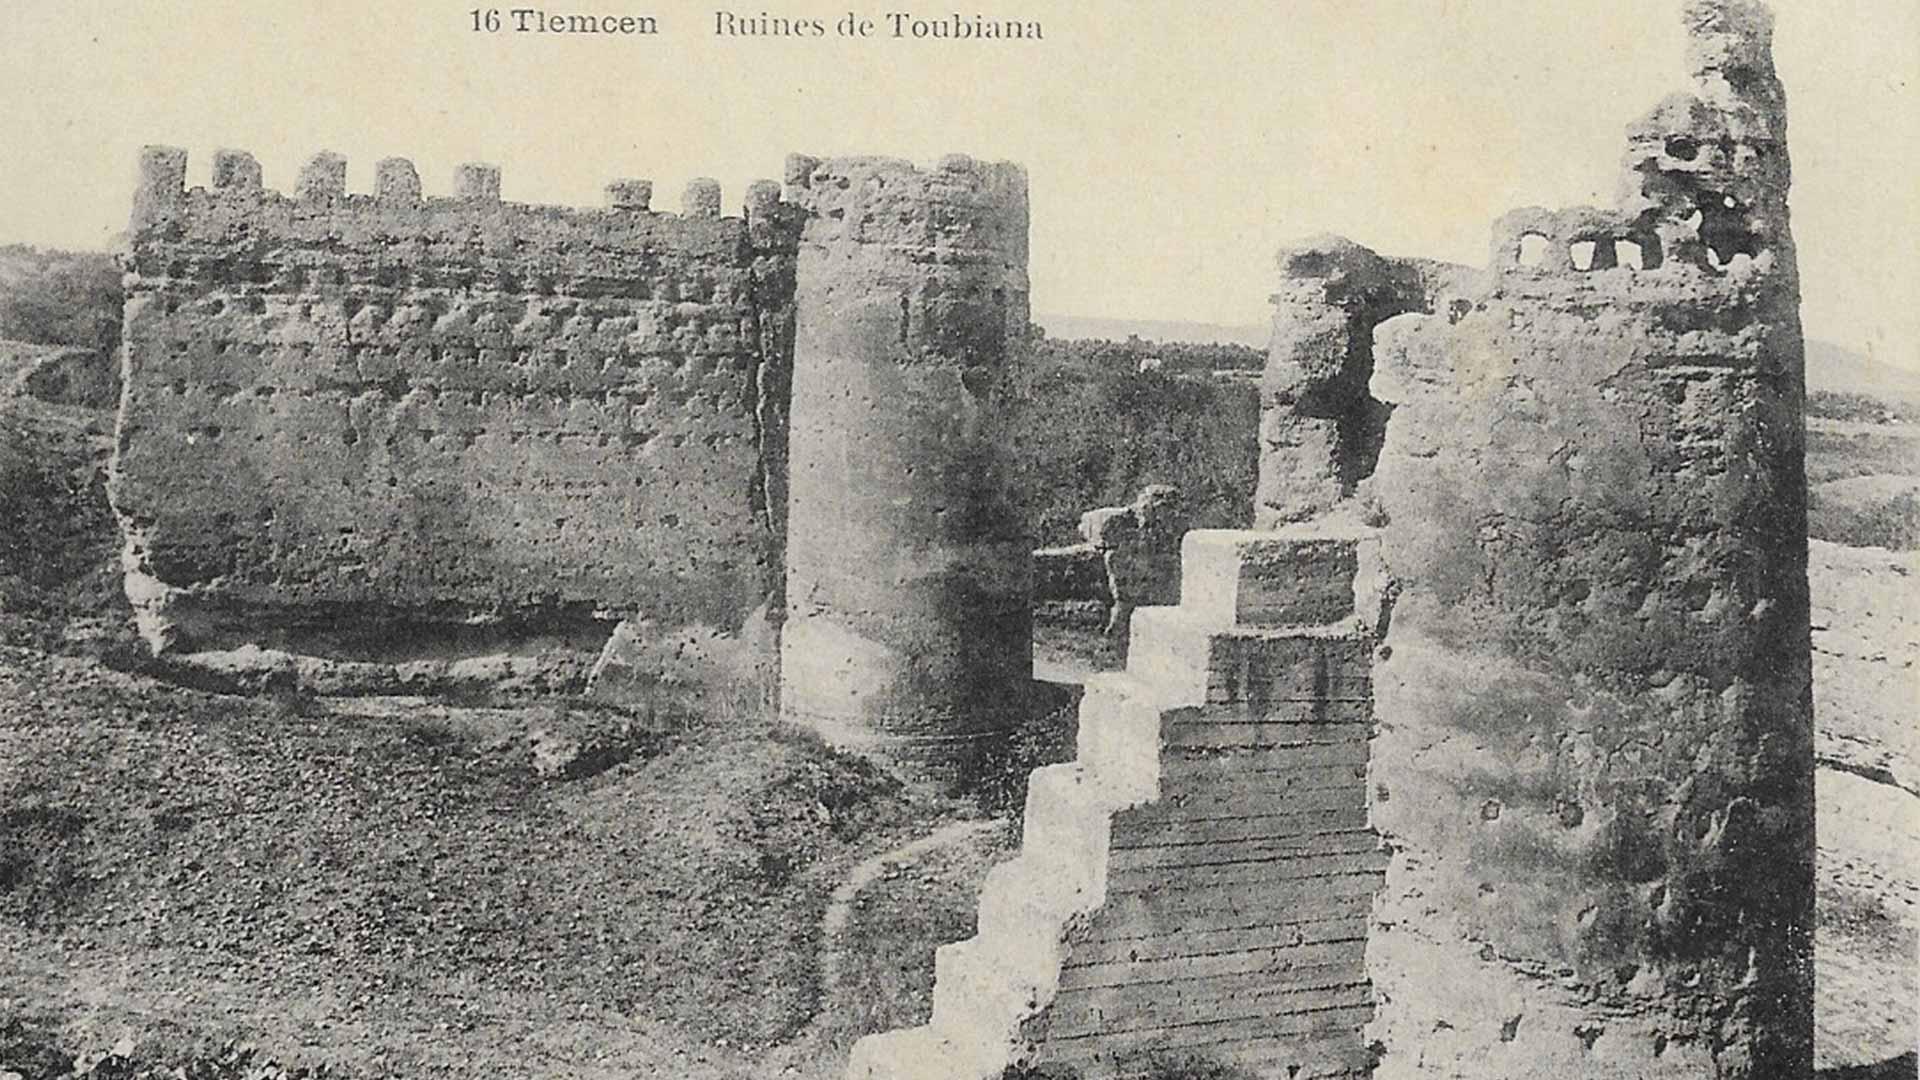 Tlemcen-ruines